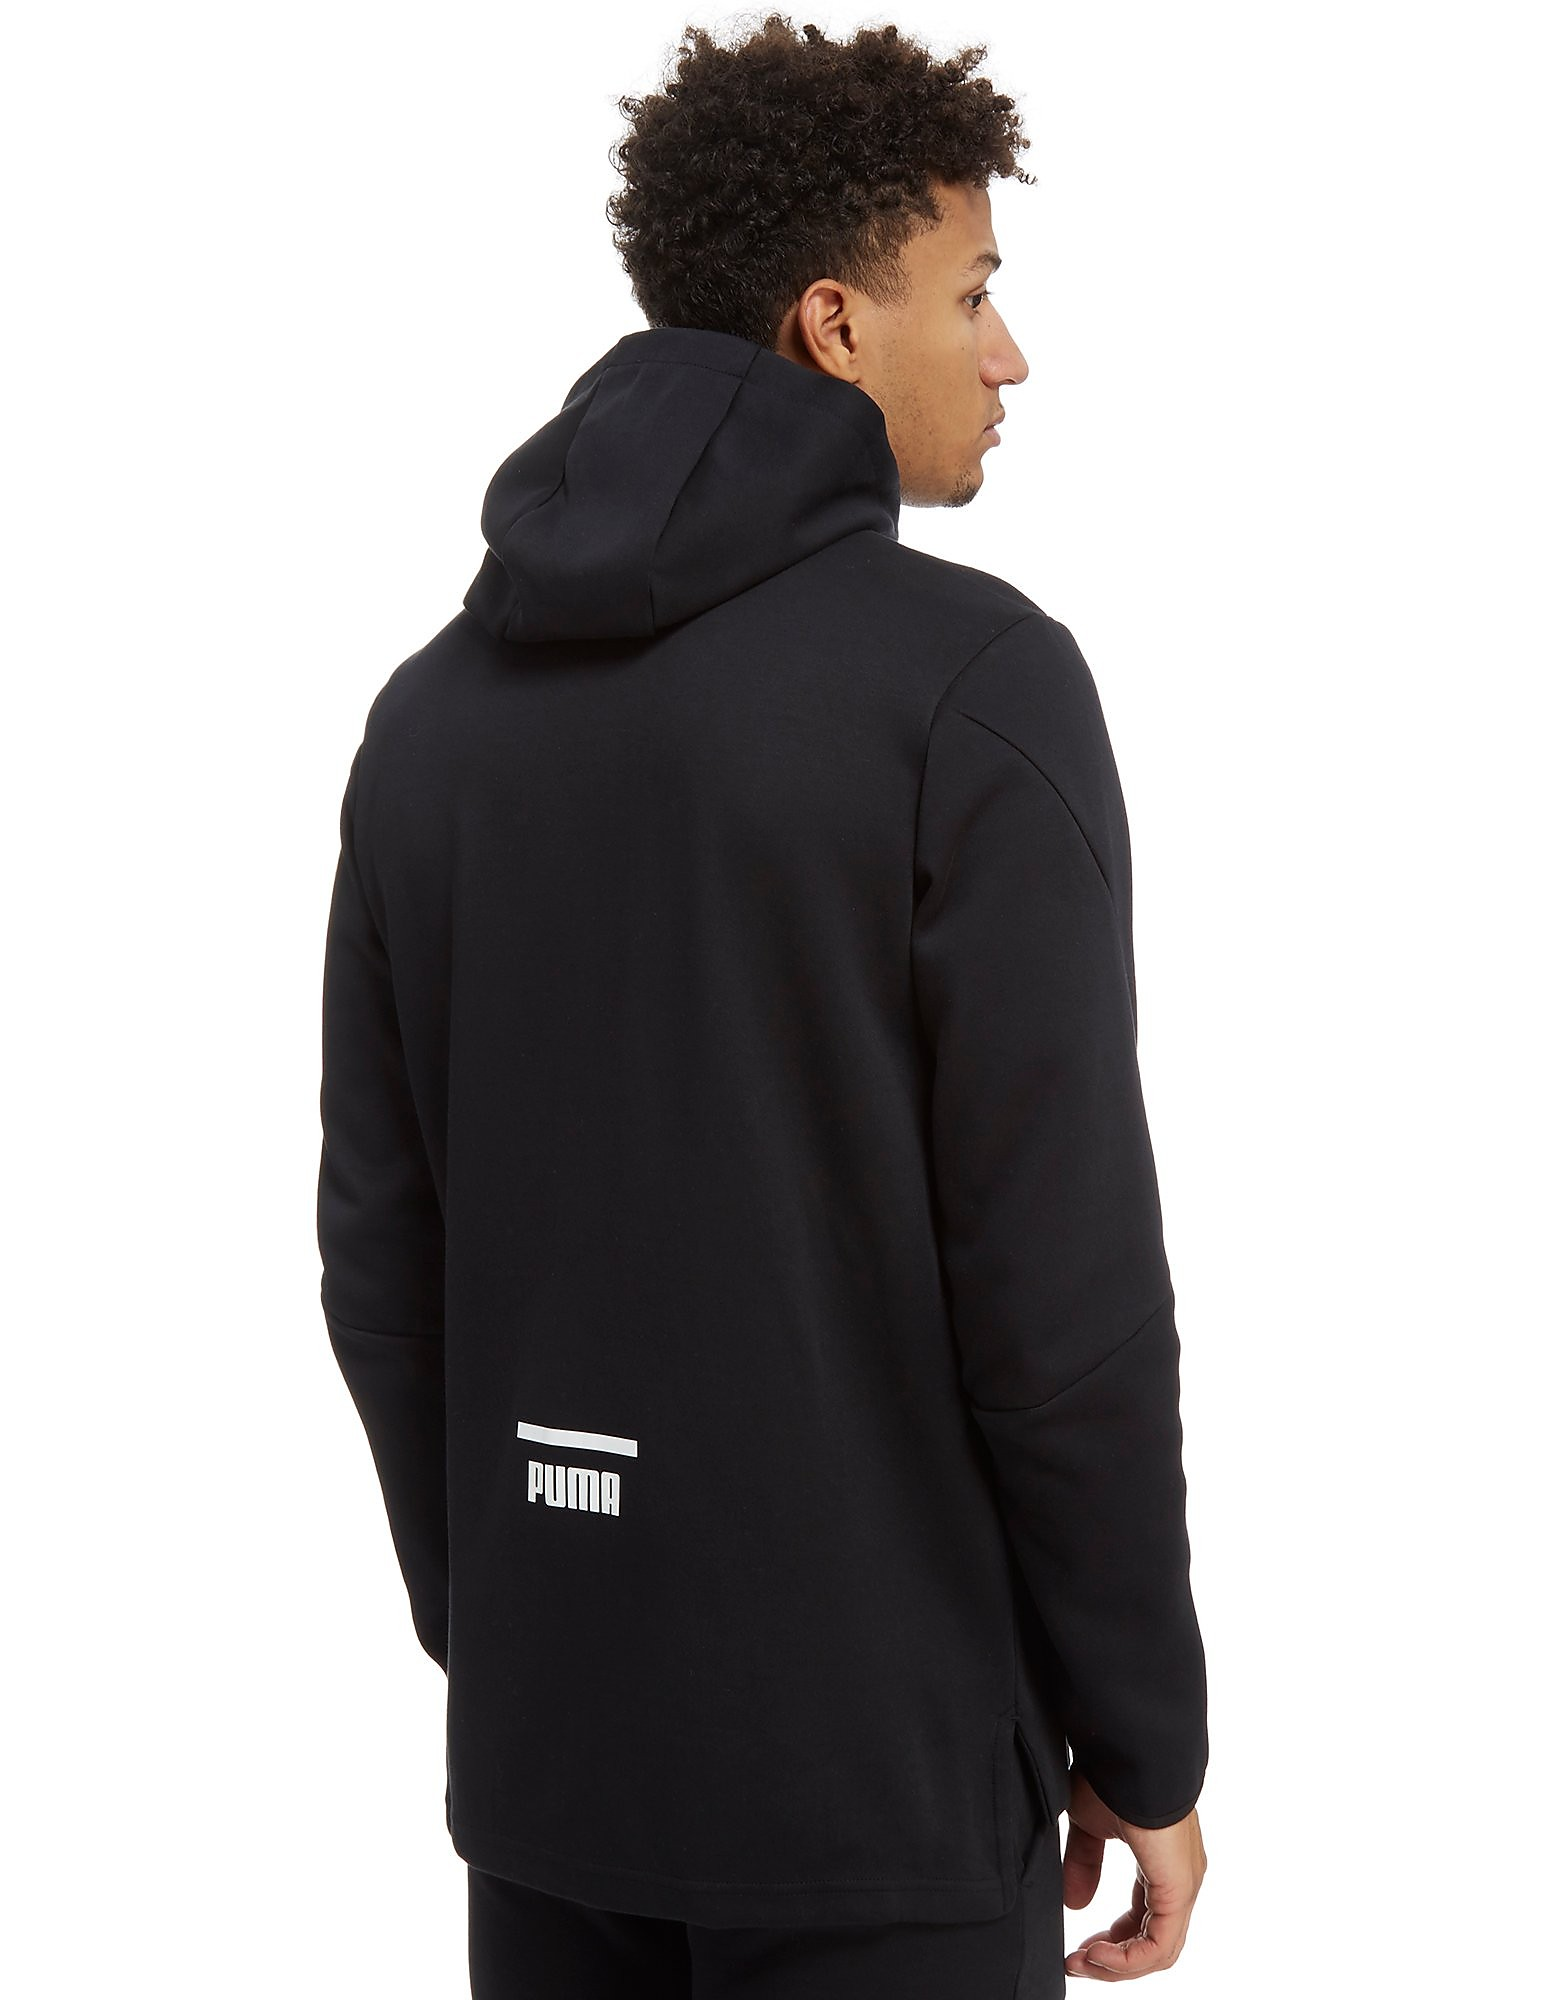 PUMA chaqueta Evostripe Full Zip